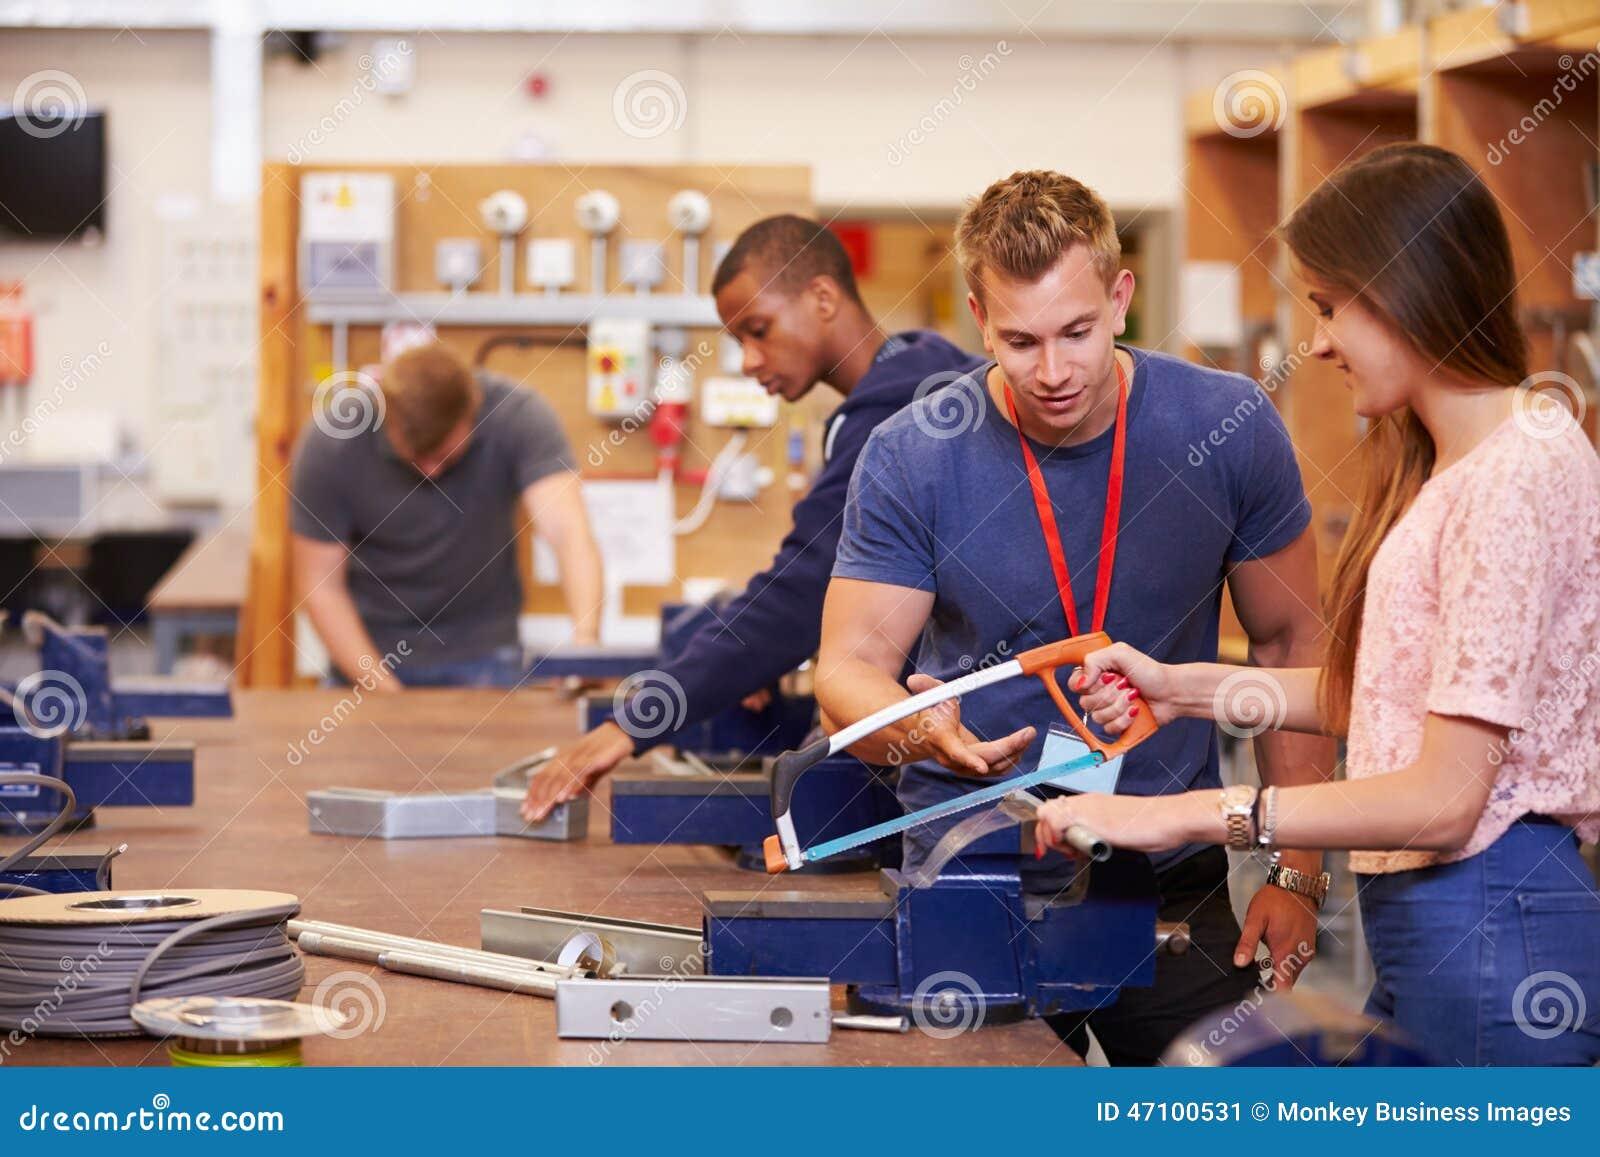 Lehrer Helping Students Training, zum Elektriker zu sein